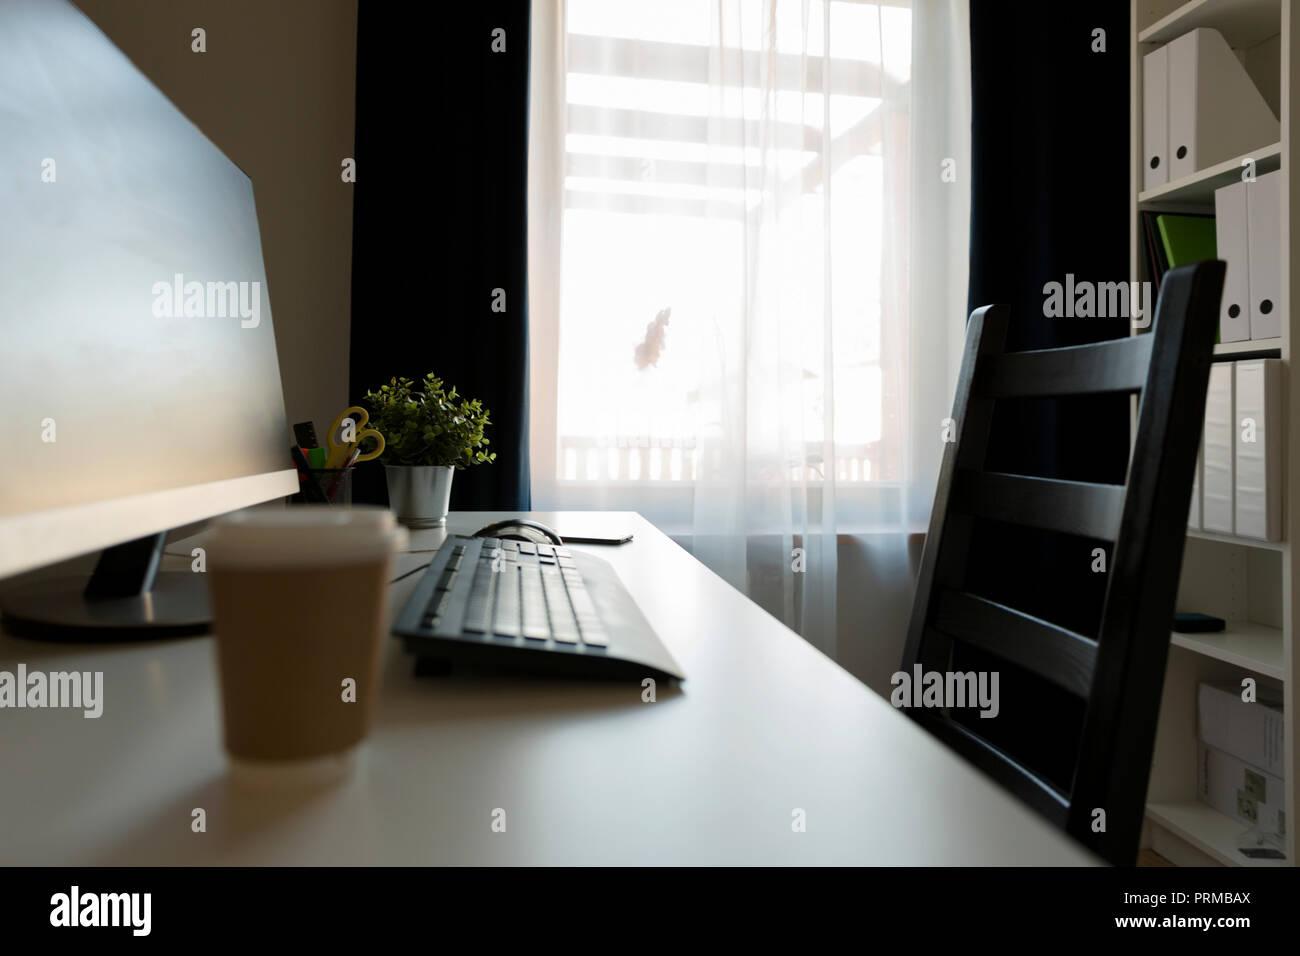 Tasse de café à côté de bureau. computter Travail tard la notion Photo Stock